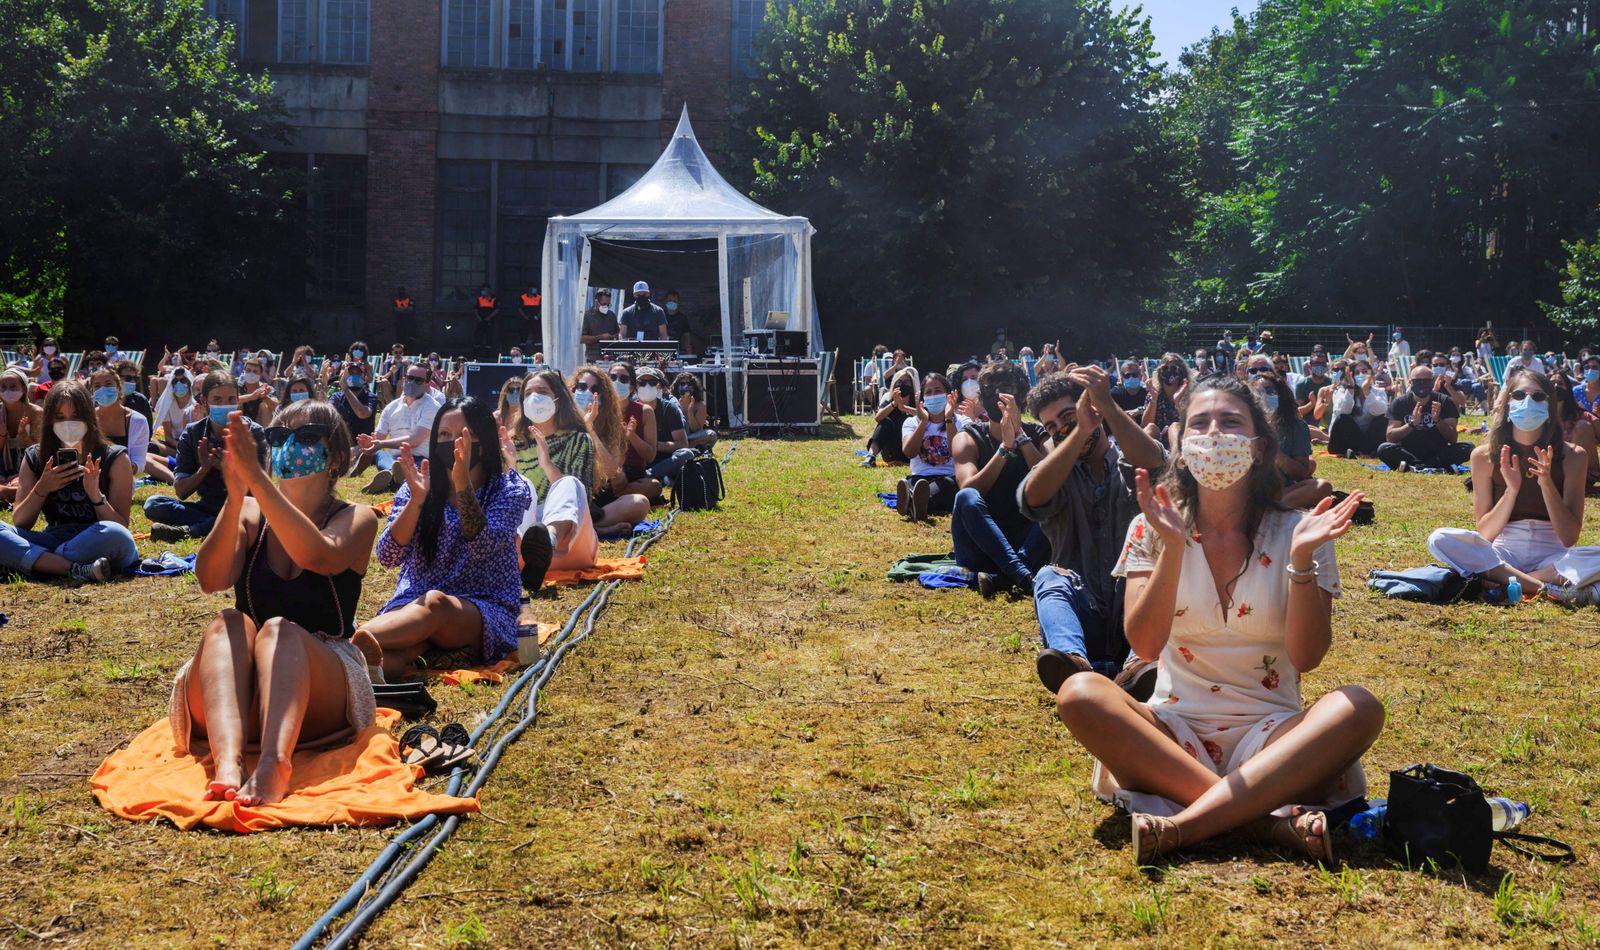 La Fabrica del Vesu music festival in Oviedo, Spain - 22 Aug 2020